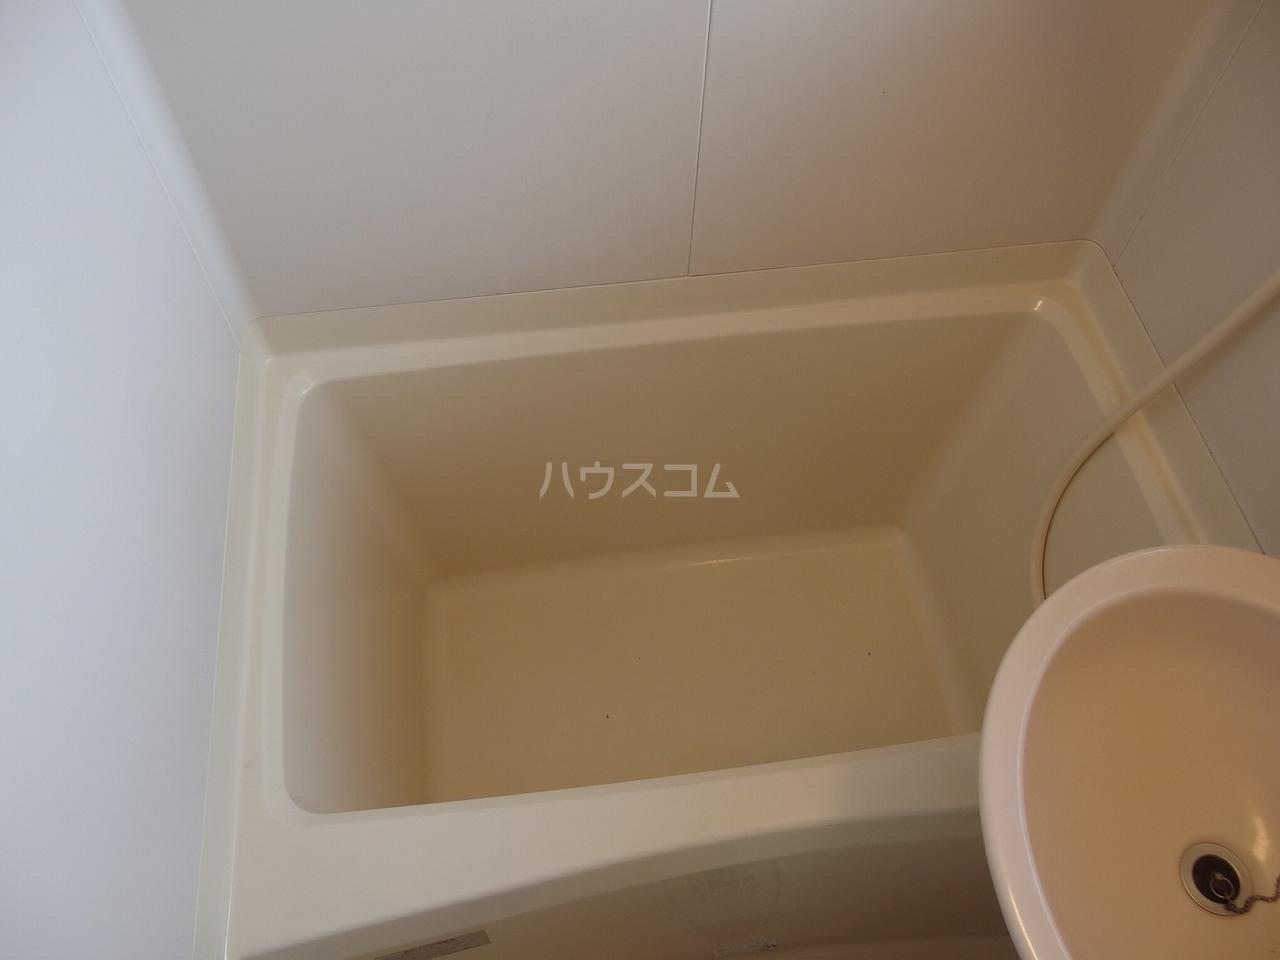 サウザンドヴィレッジ桜ヶ丘 101号室の風呂